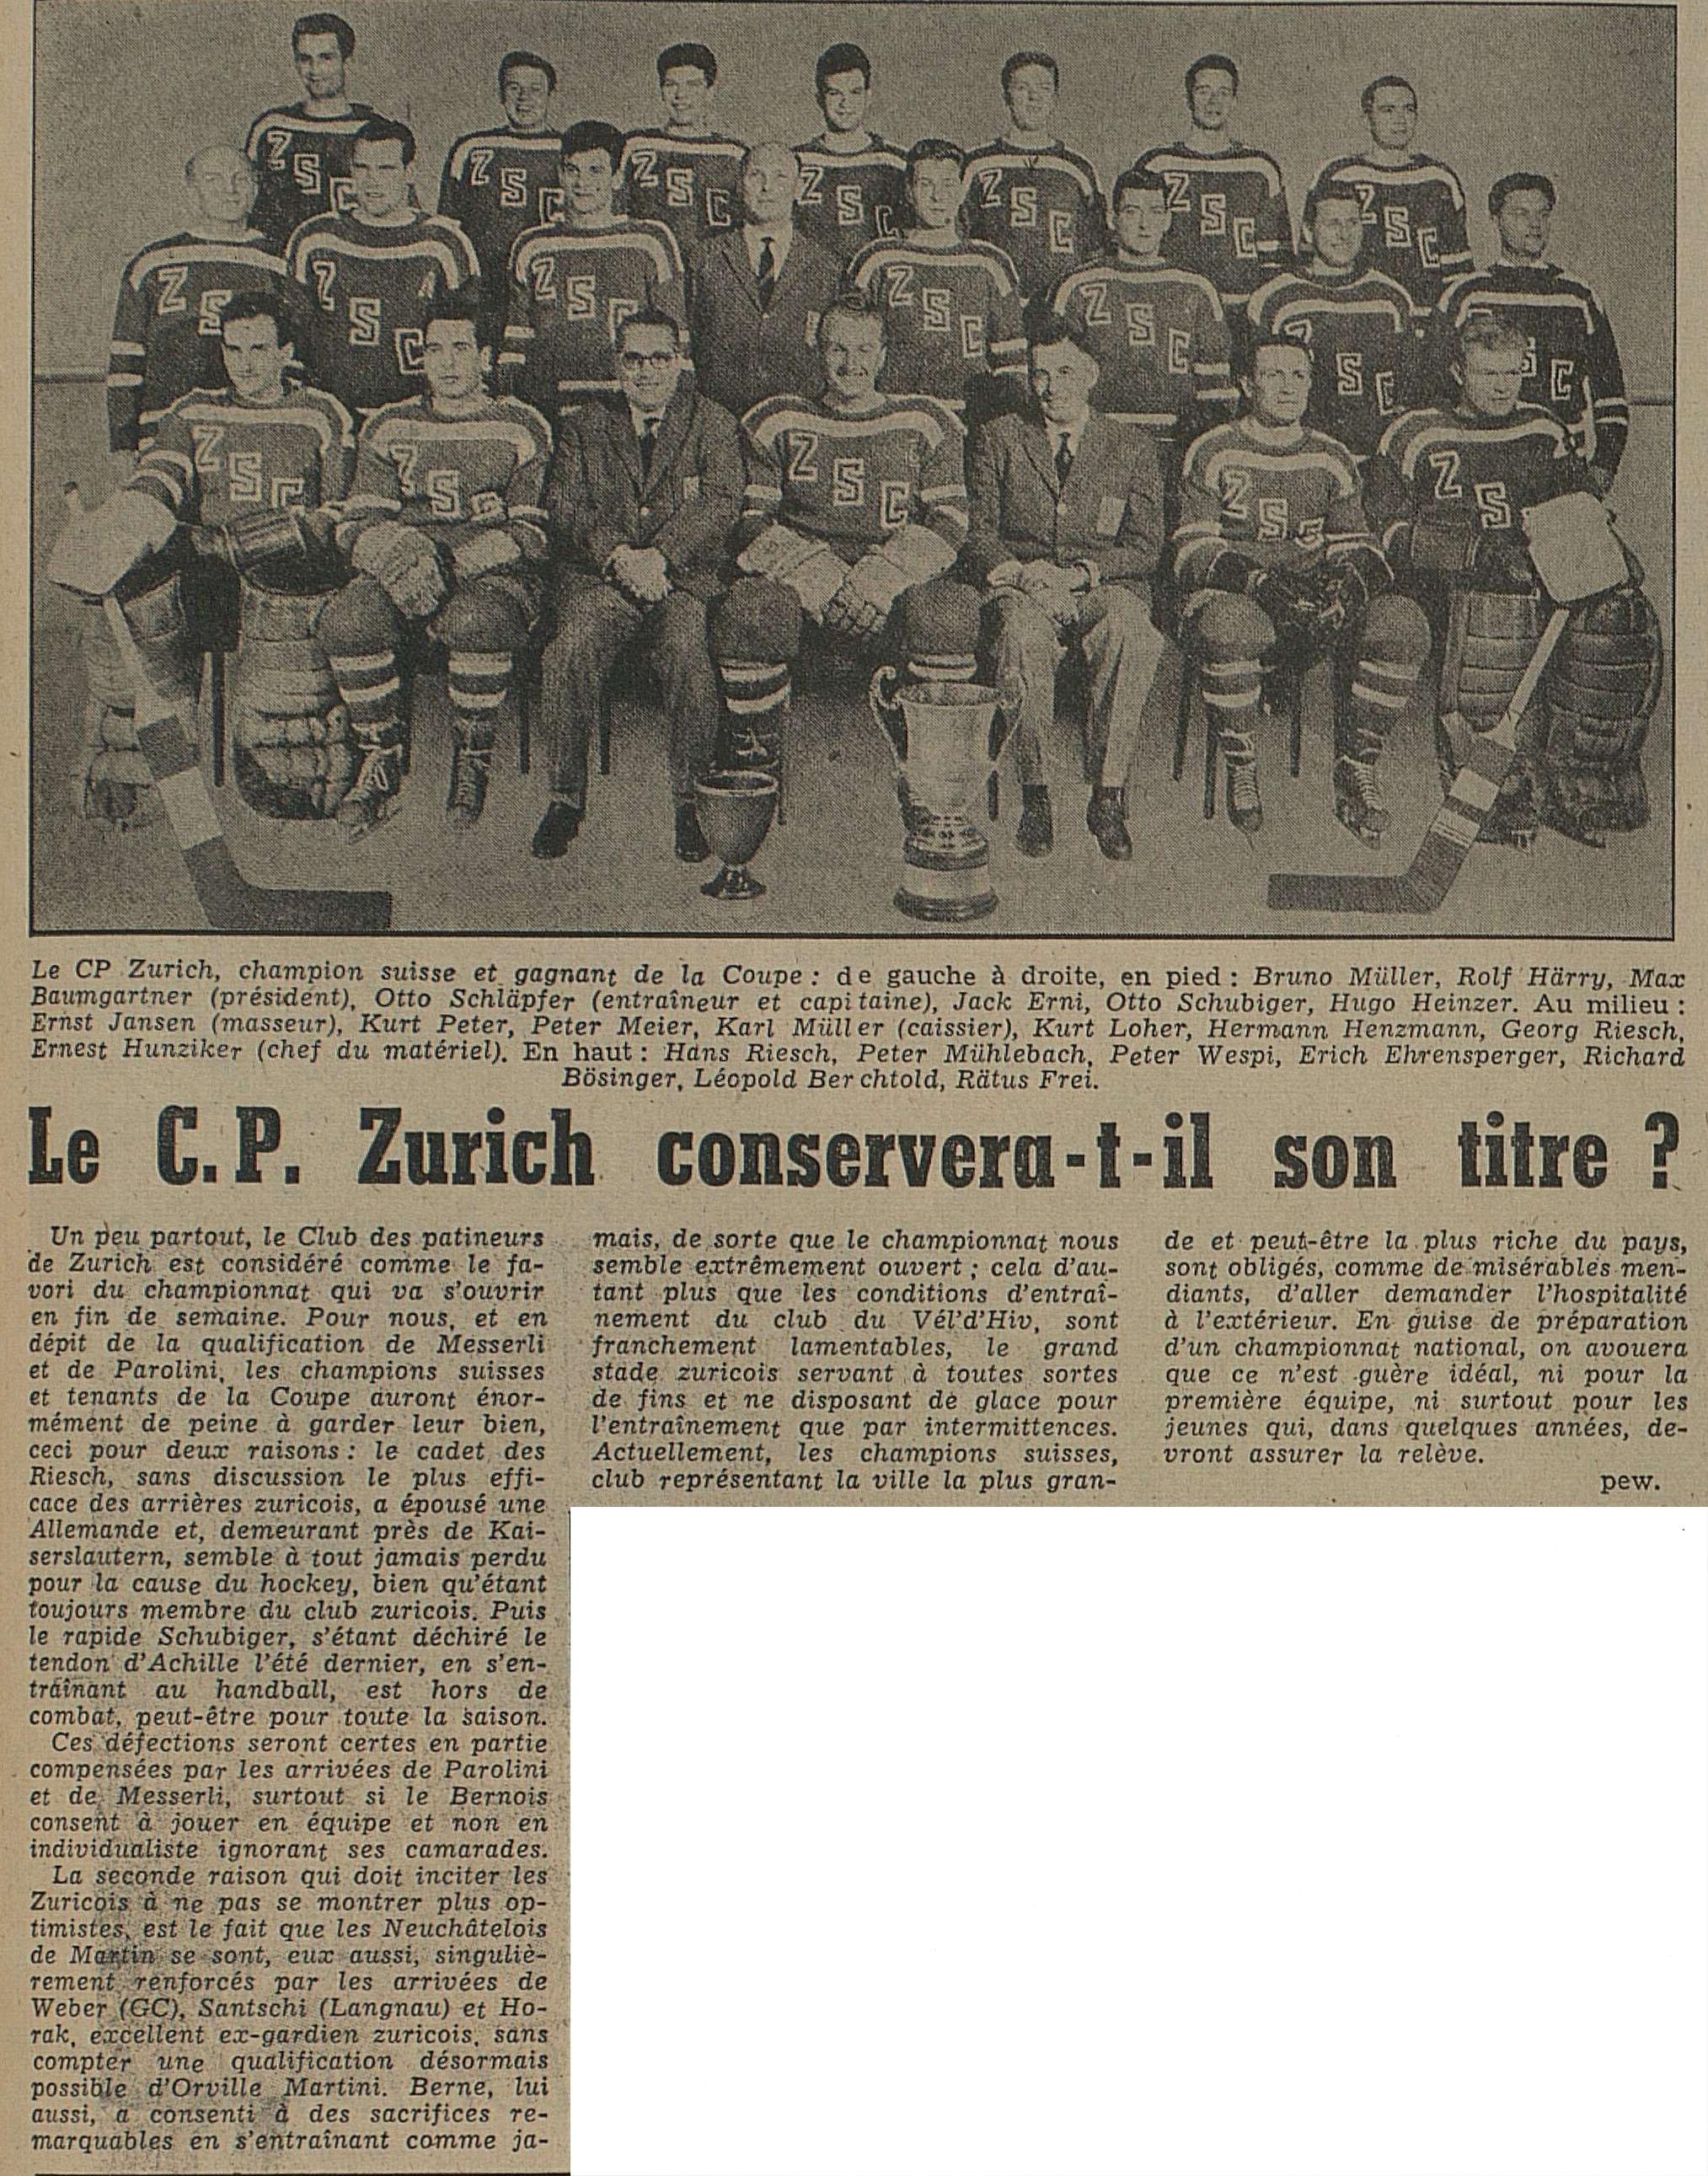 Le Matin - Tribune de Lausanne_19611118_lqica4.jpg